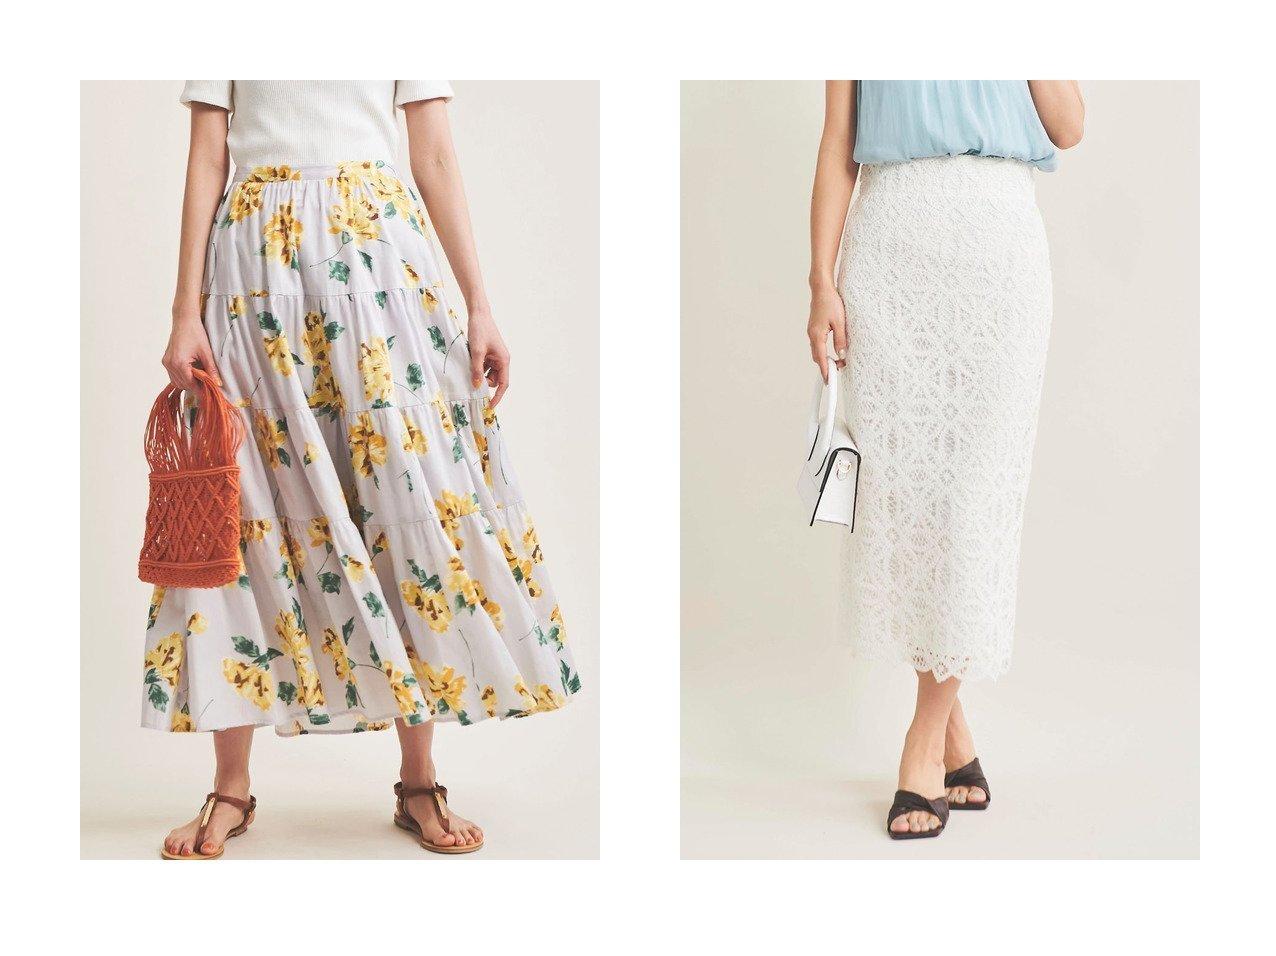 【The Virgnia/ザ ヴァージニア】のケミカルレースタイトスカート&コットンティアードフラワースカート 【スカート】おすすめ!人気、トレンド・レディースファッションの通販  おすすめで人気の流行・トレンド、ファッションの通販商品 メンズファッション・キッズファッション・インテリア・家具・レディースファッション・服の通販 founy(ファニー) https://founy.com/ ファッション Fashion レディースファッション WOMEN スカート Skirt ロングスカート Long Skirt イエロー ティアード ティアードスカート フラワー ラベンダー ロング |ID:crp329100000038315